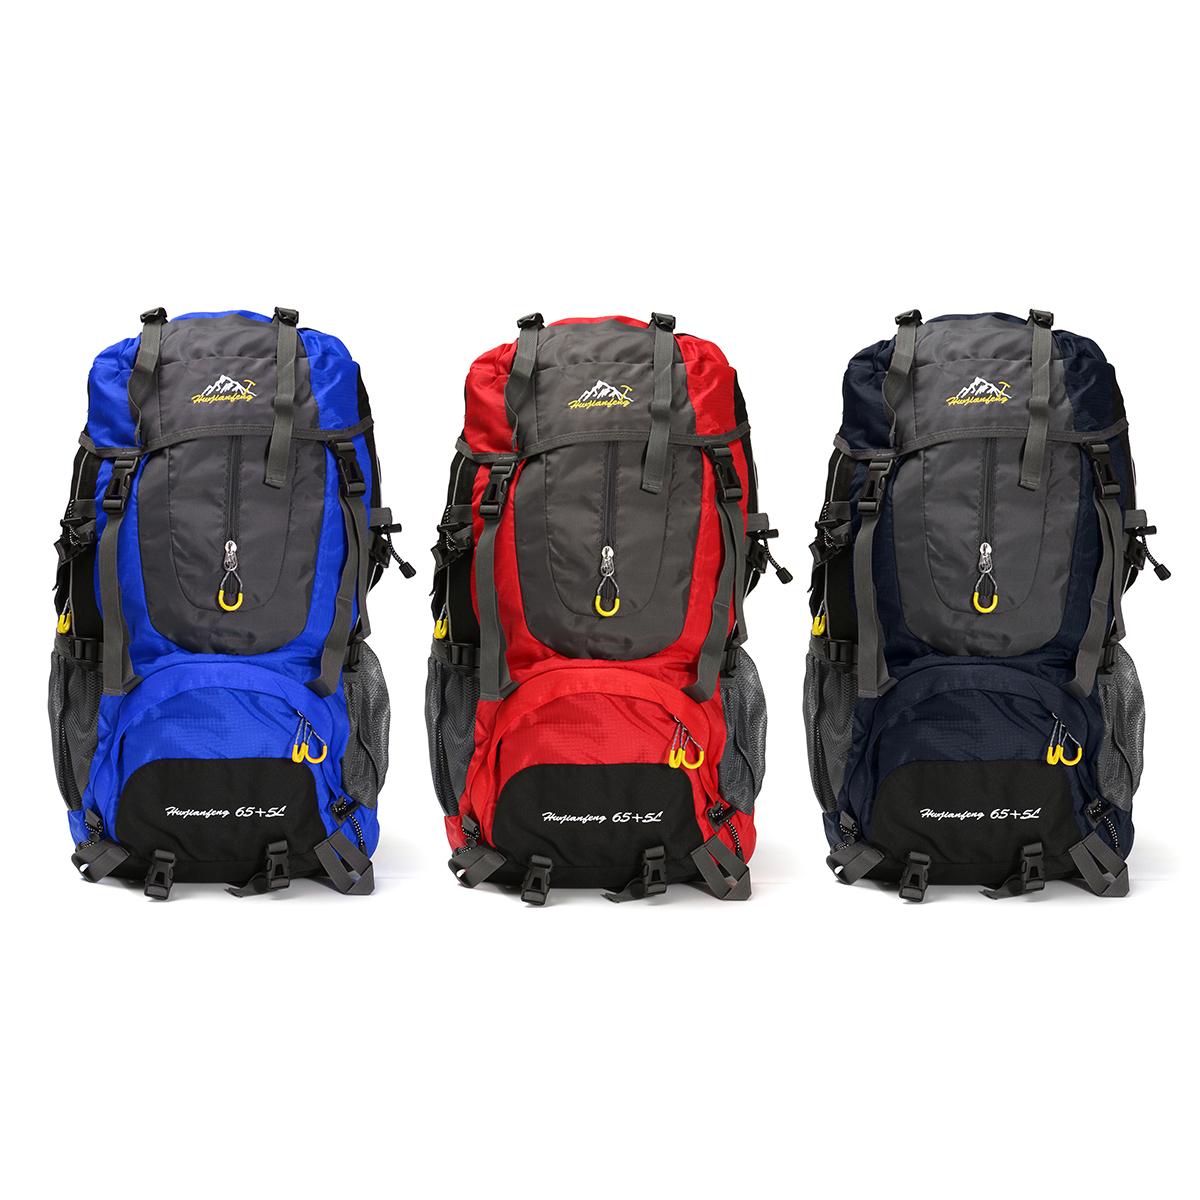 Outdoor 70L Waterproof Rucksack Backpack Camping Hiking ...